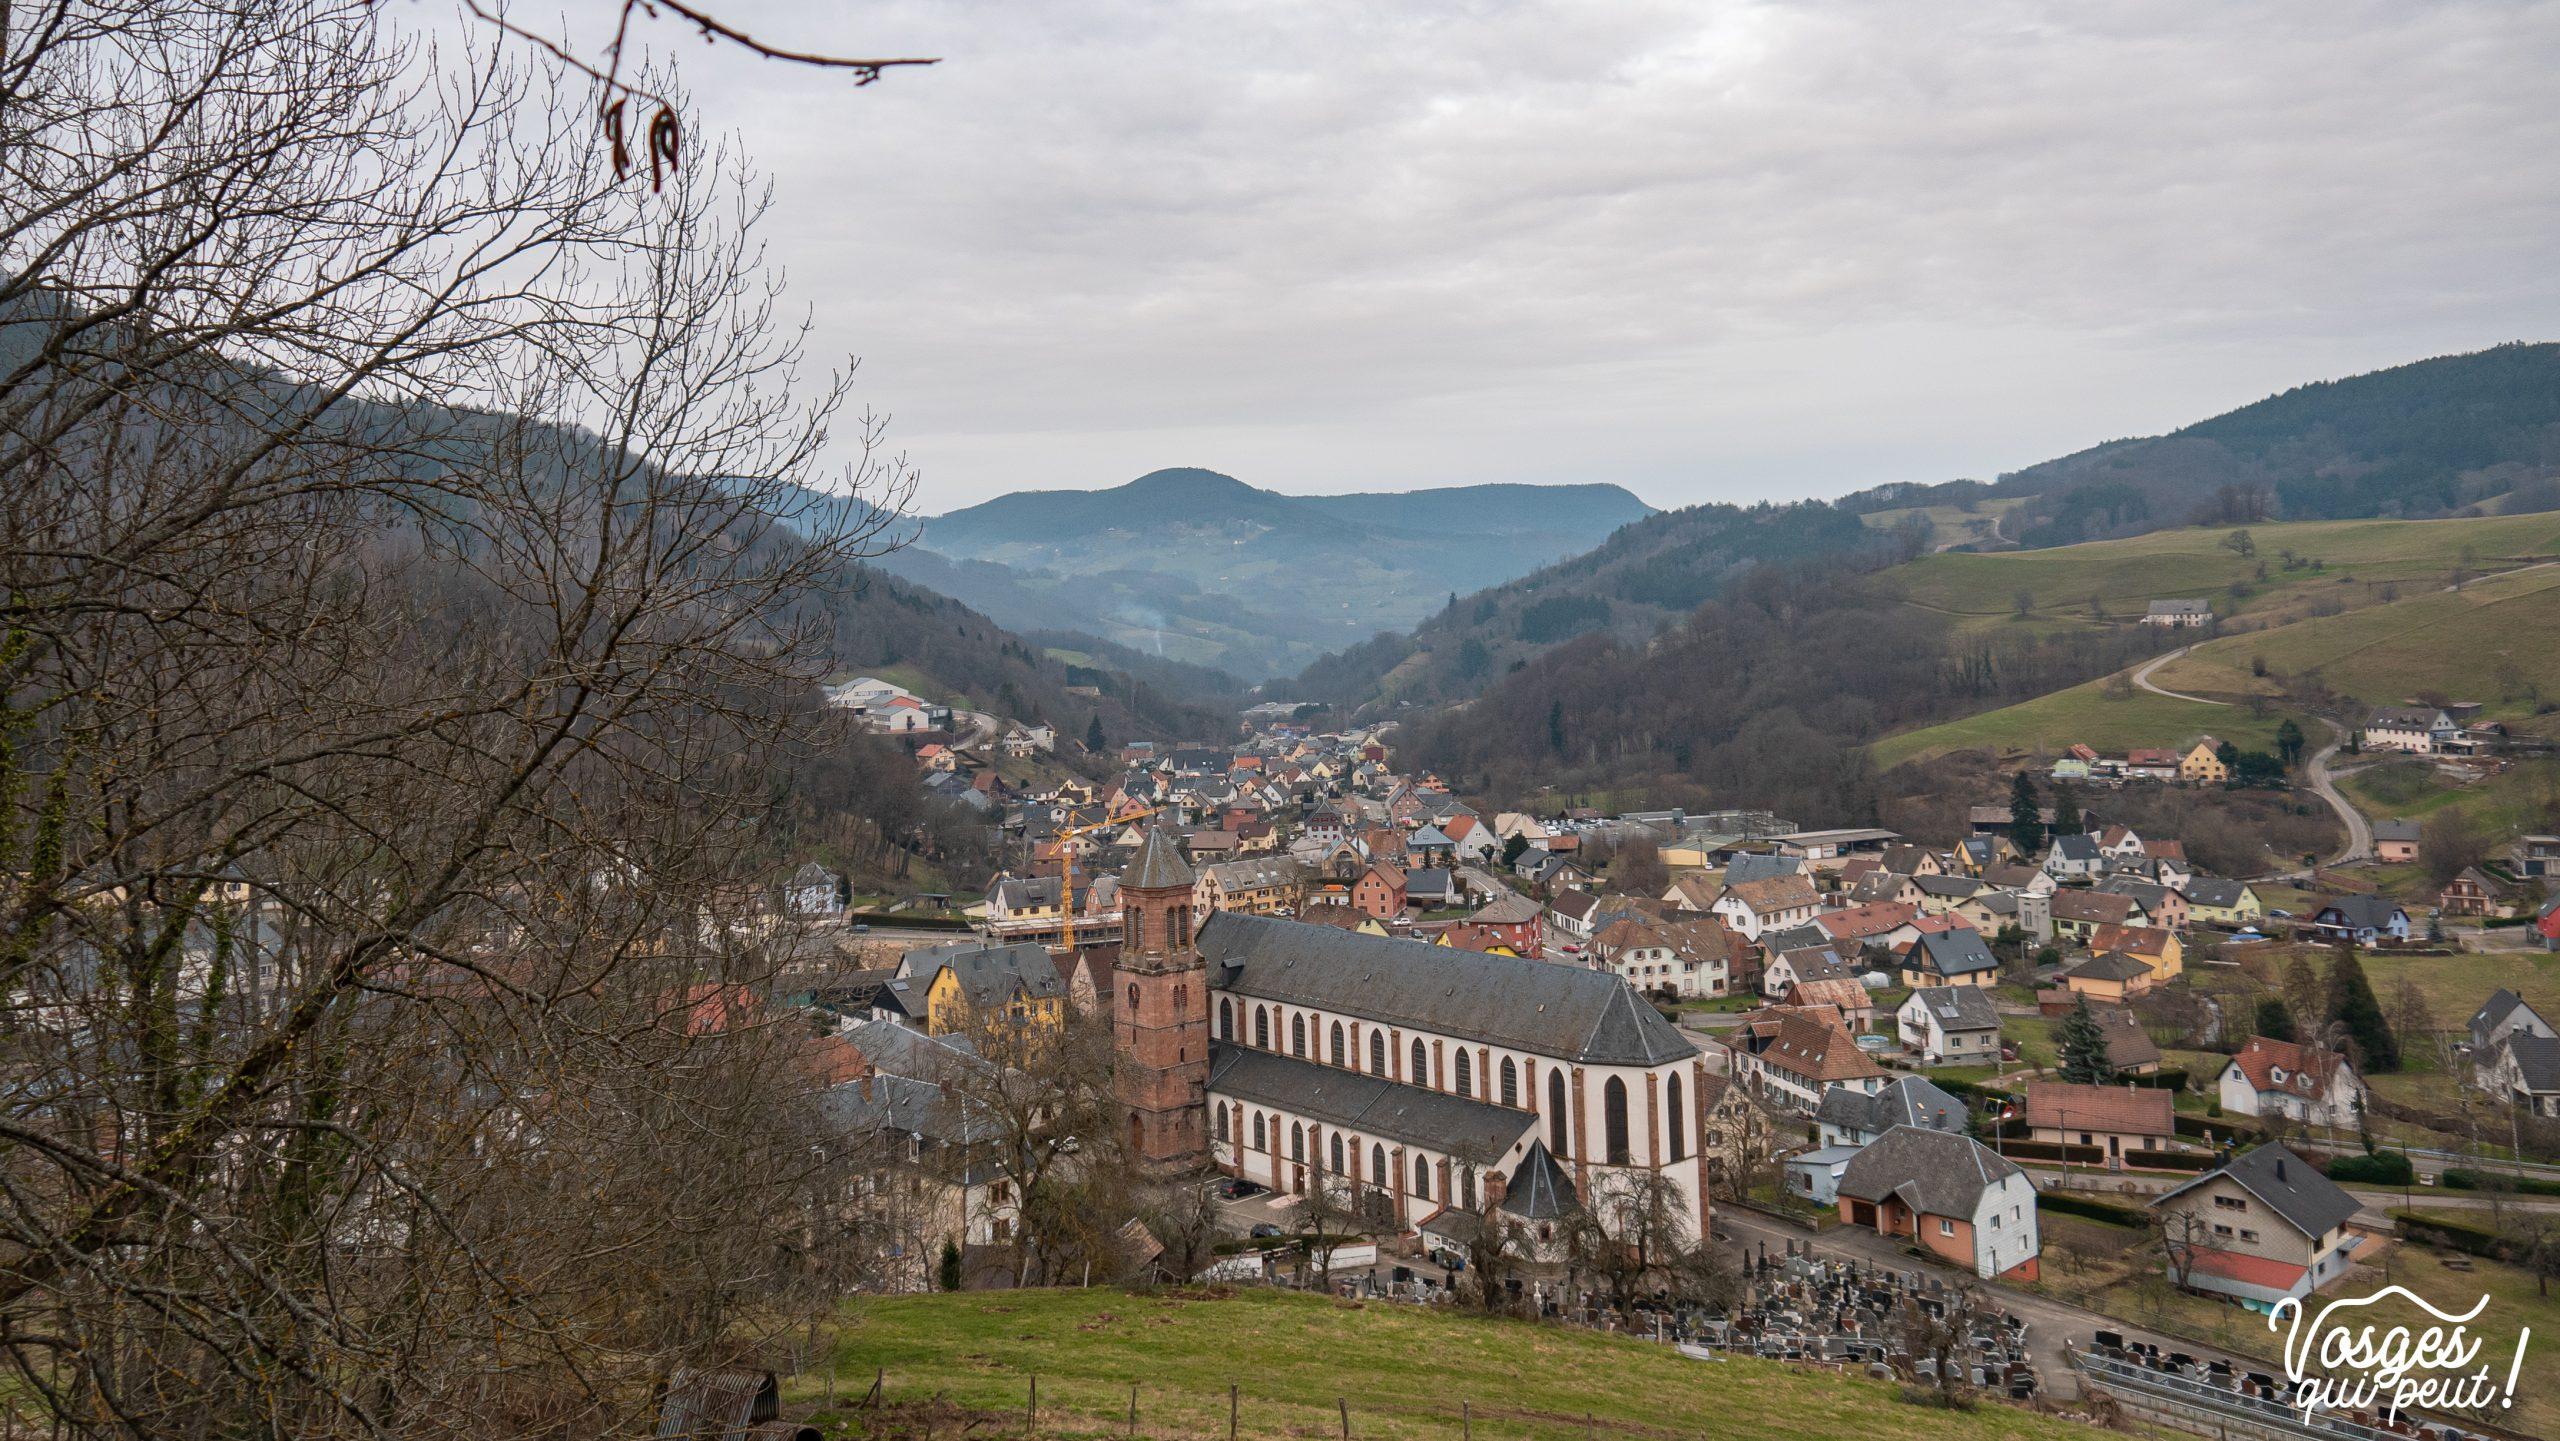 Vue sur Orbey pendant une randonnée dans les Vosges